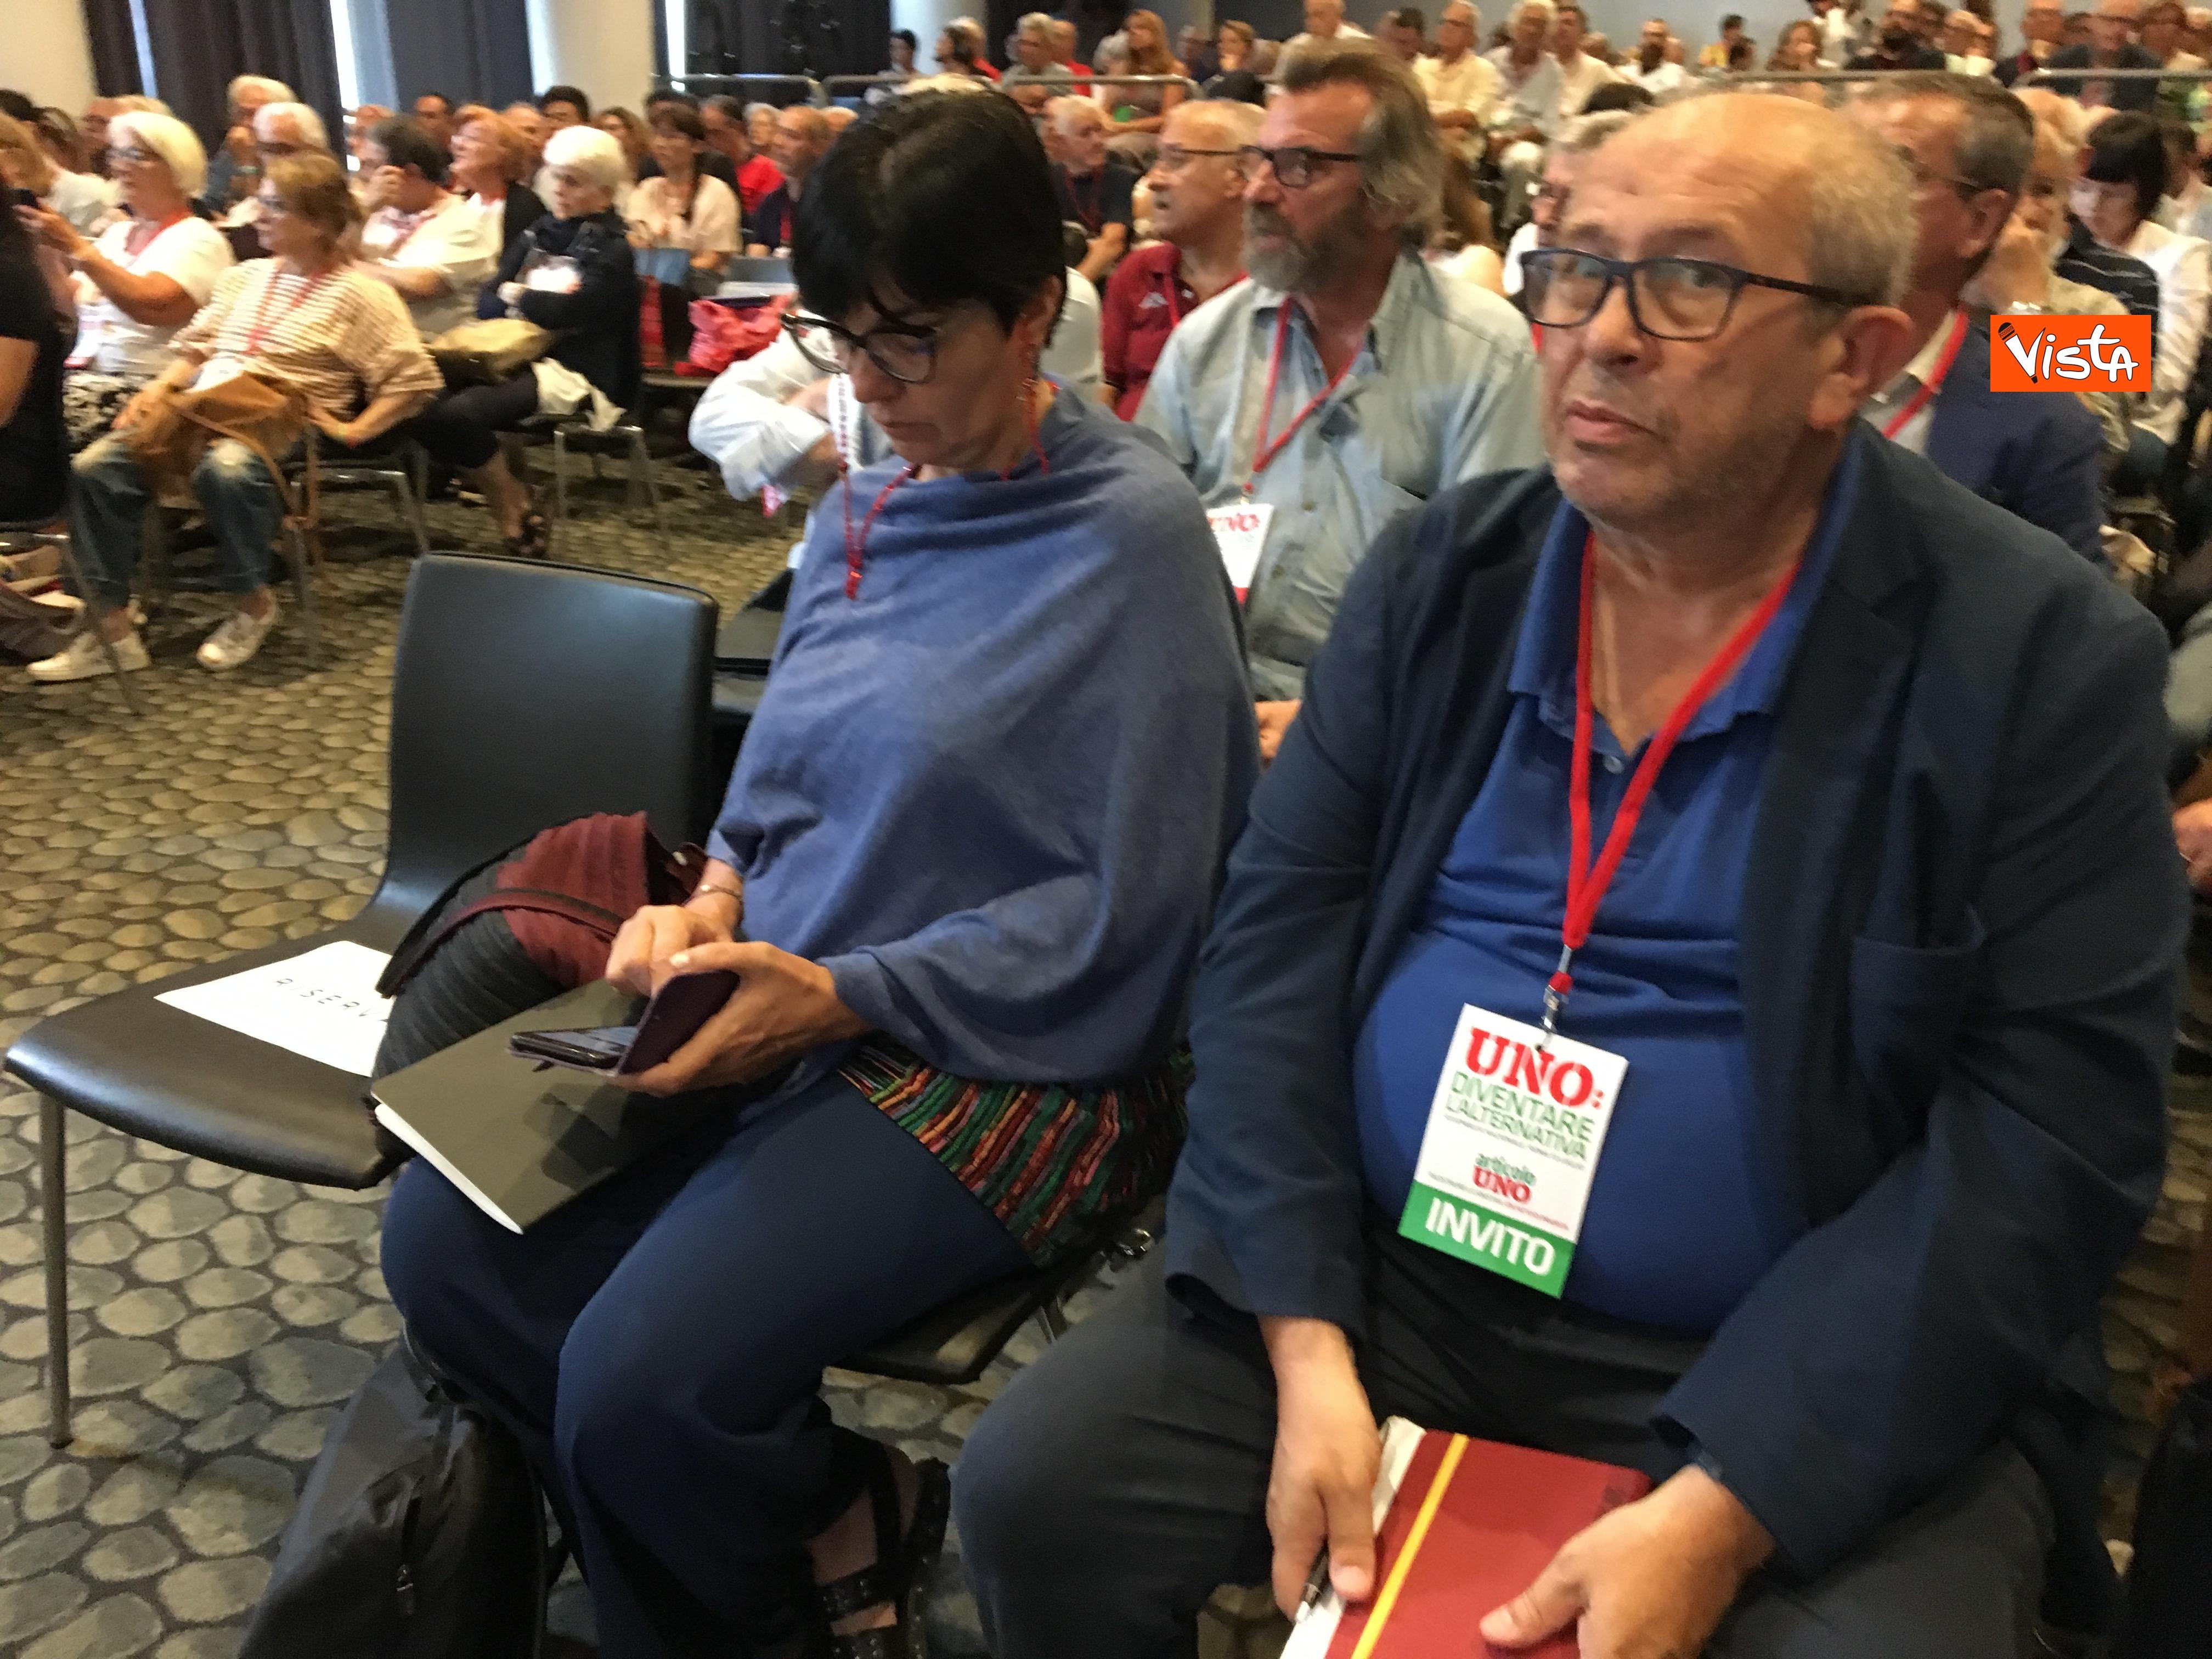 13-07-19 Articolo Uno l Assemblea nazionale a Roma immagini_06